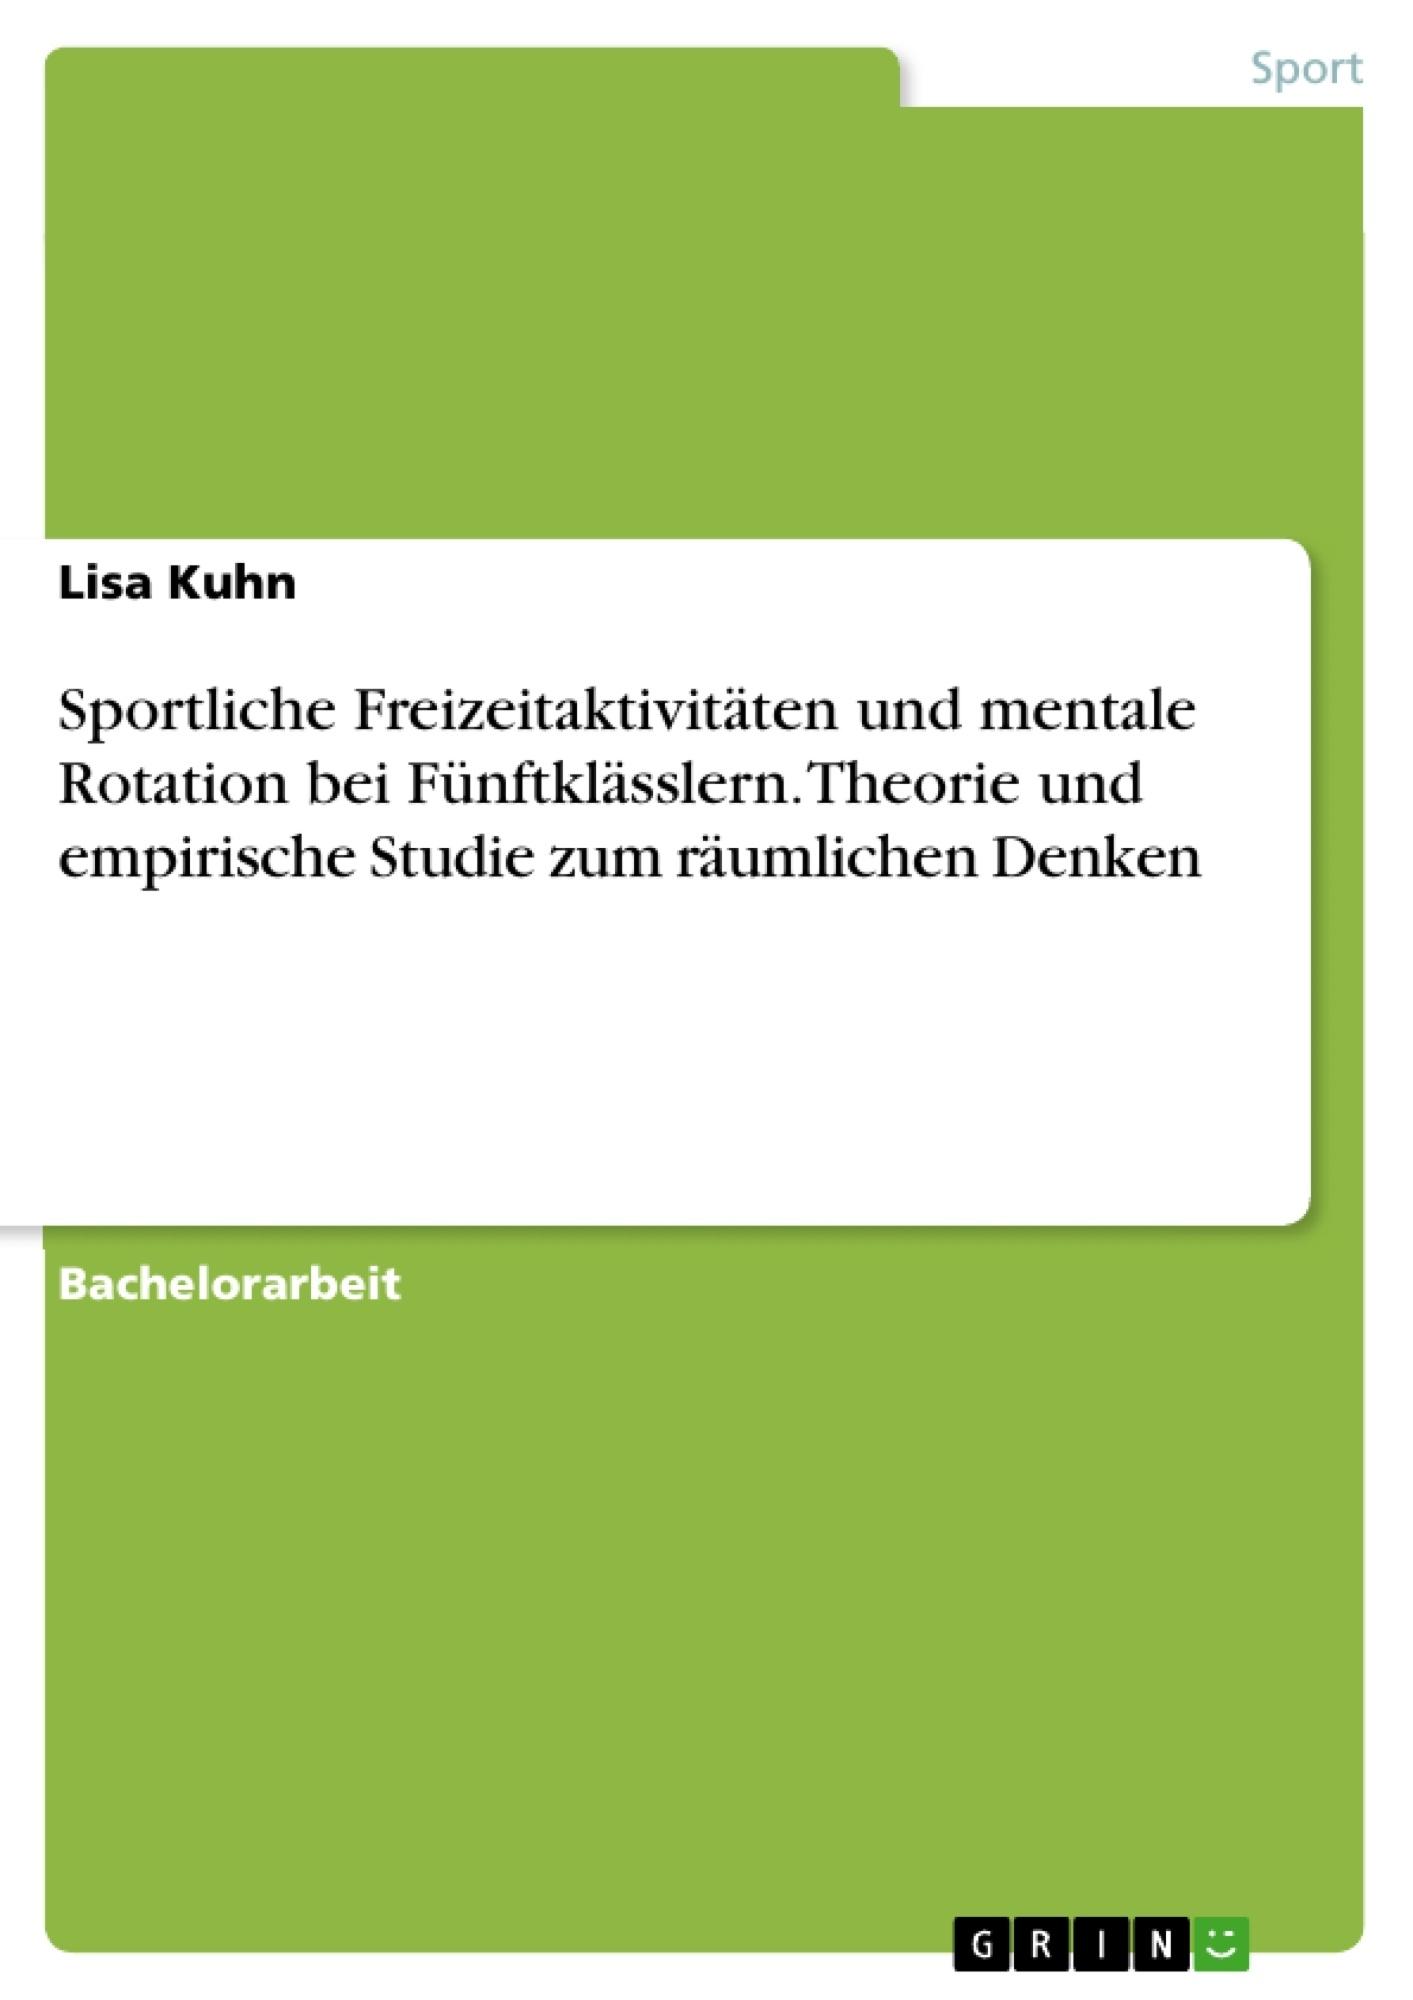 Titel: Sportliche Freizeitaktivitäten und mentale Rotation bei Fünftklässlern. Theorie und empirische Studie zum räumlichen Denken